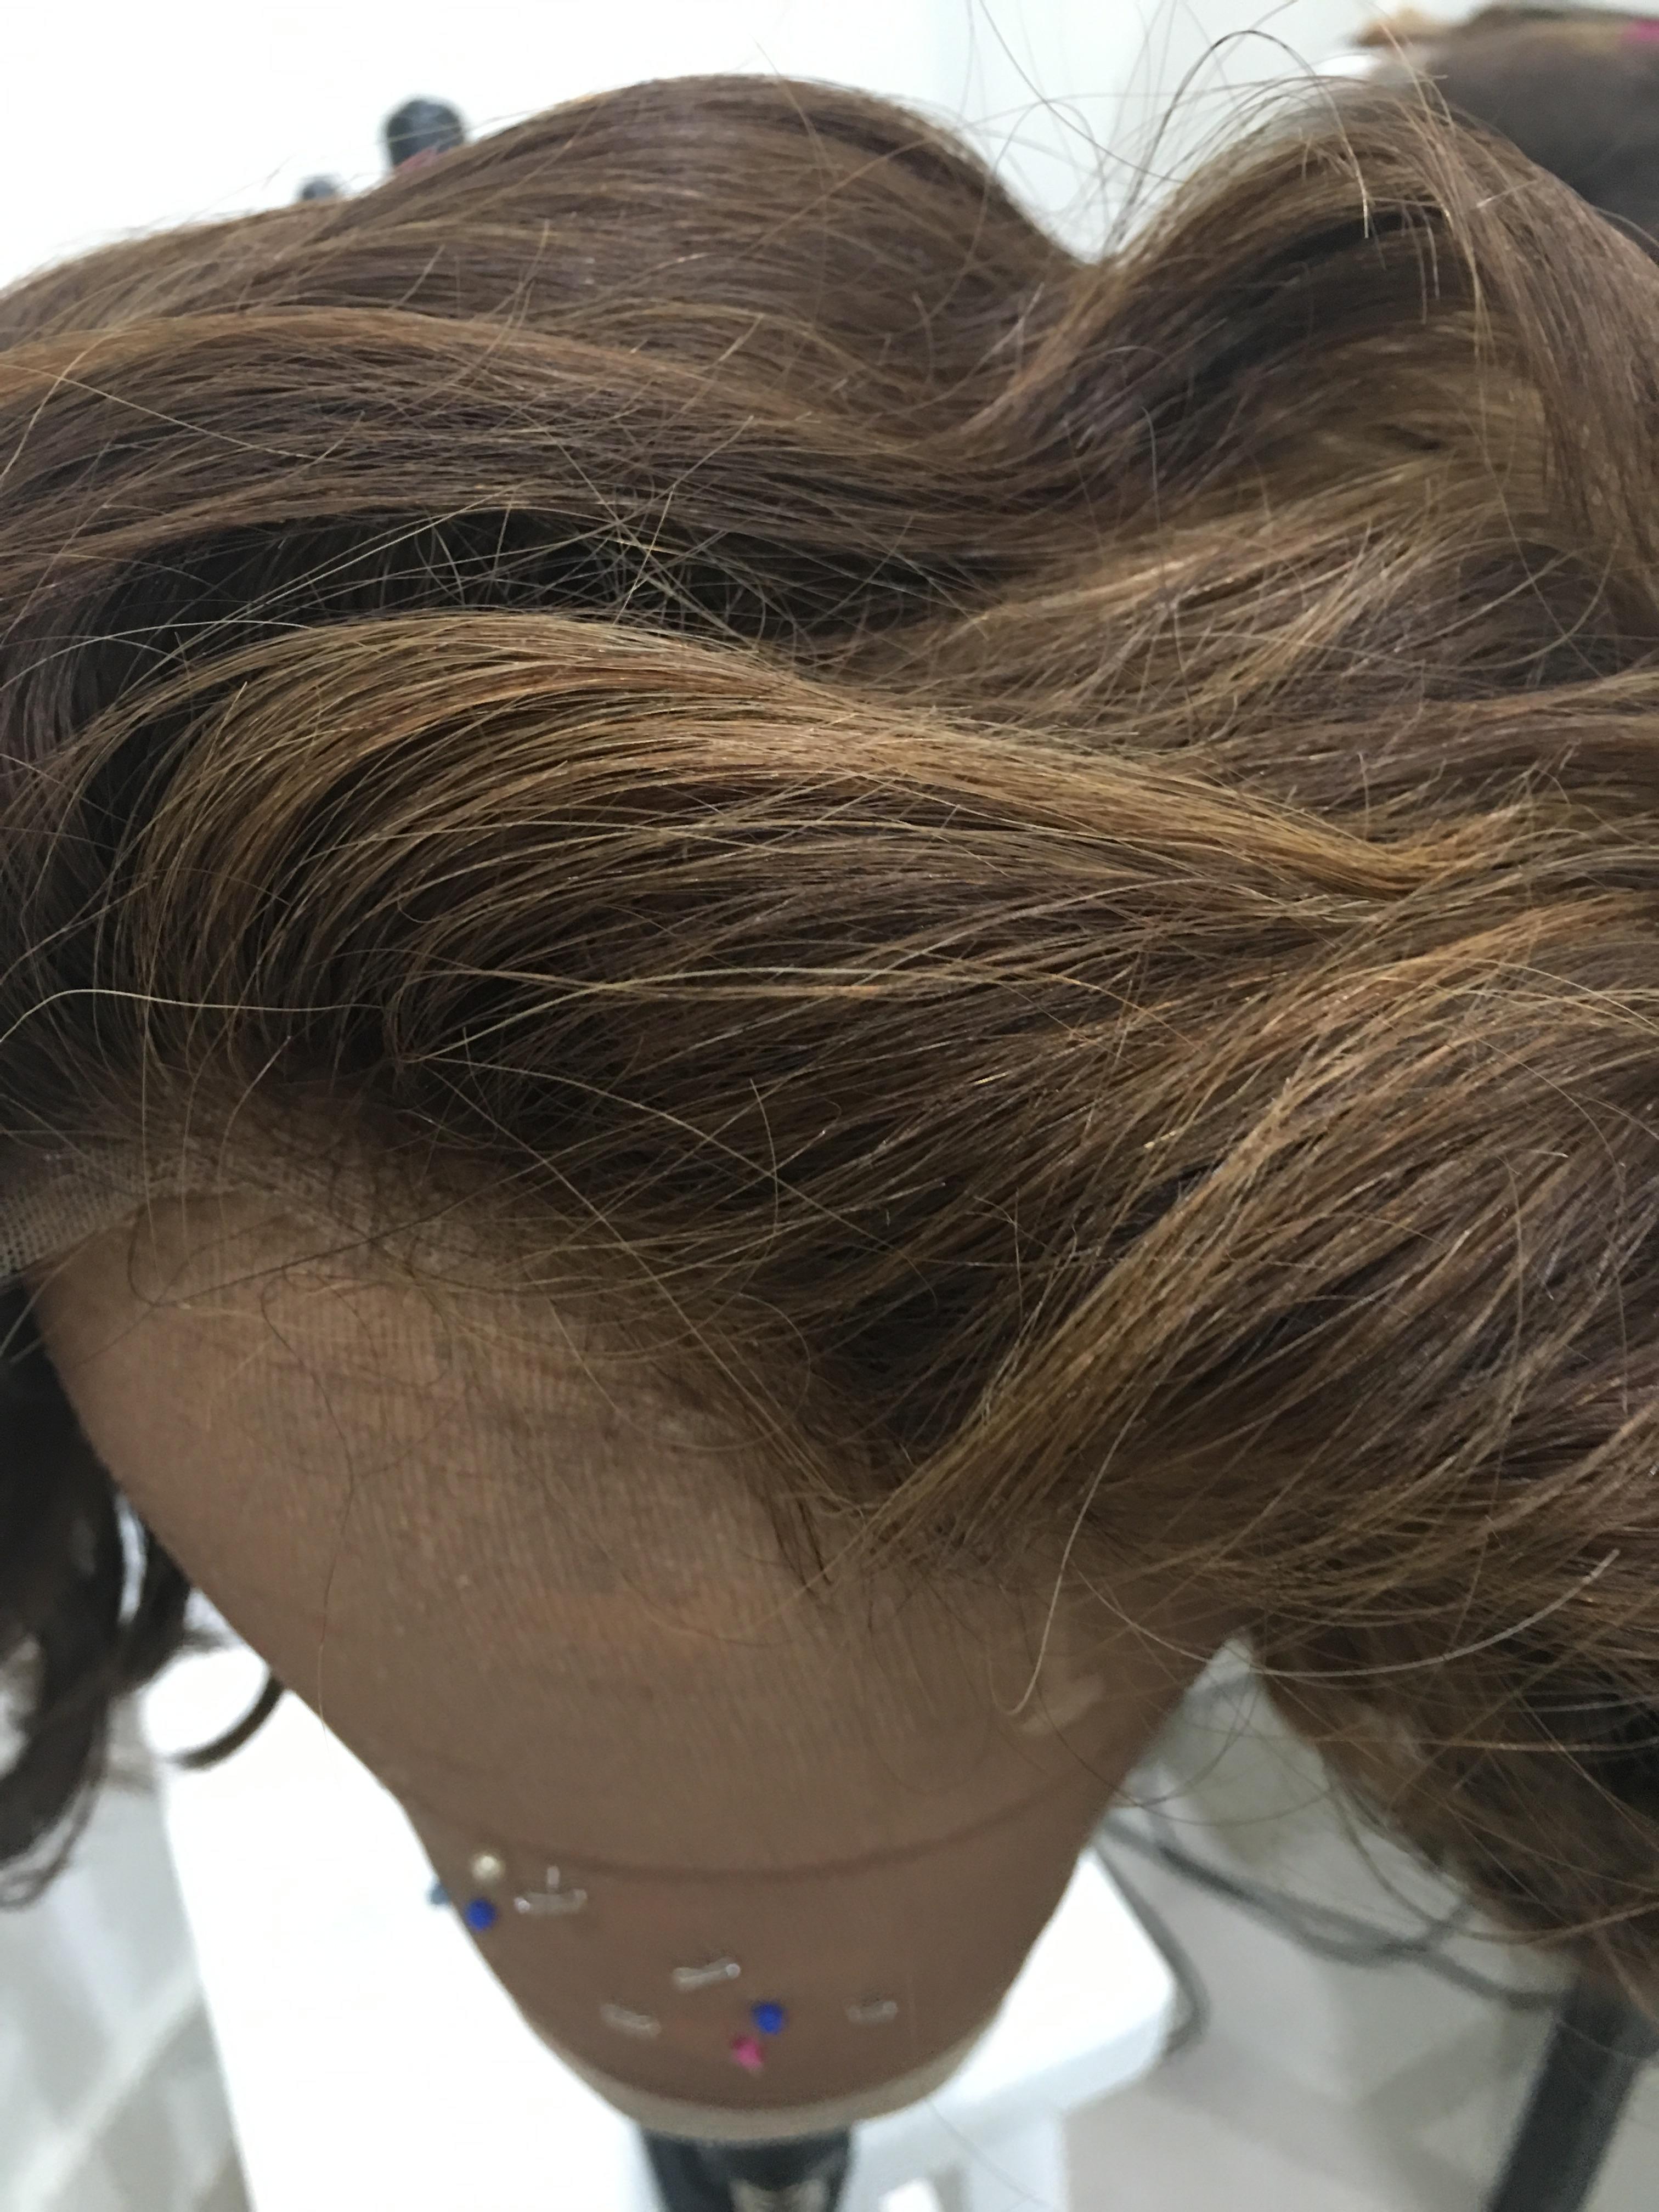 Shop Lace Wigs image 34